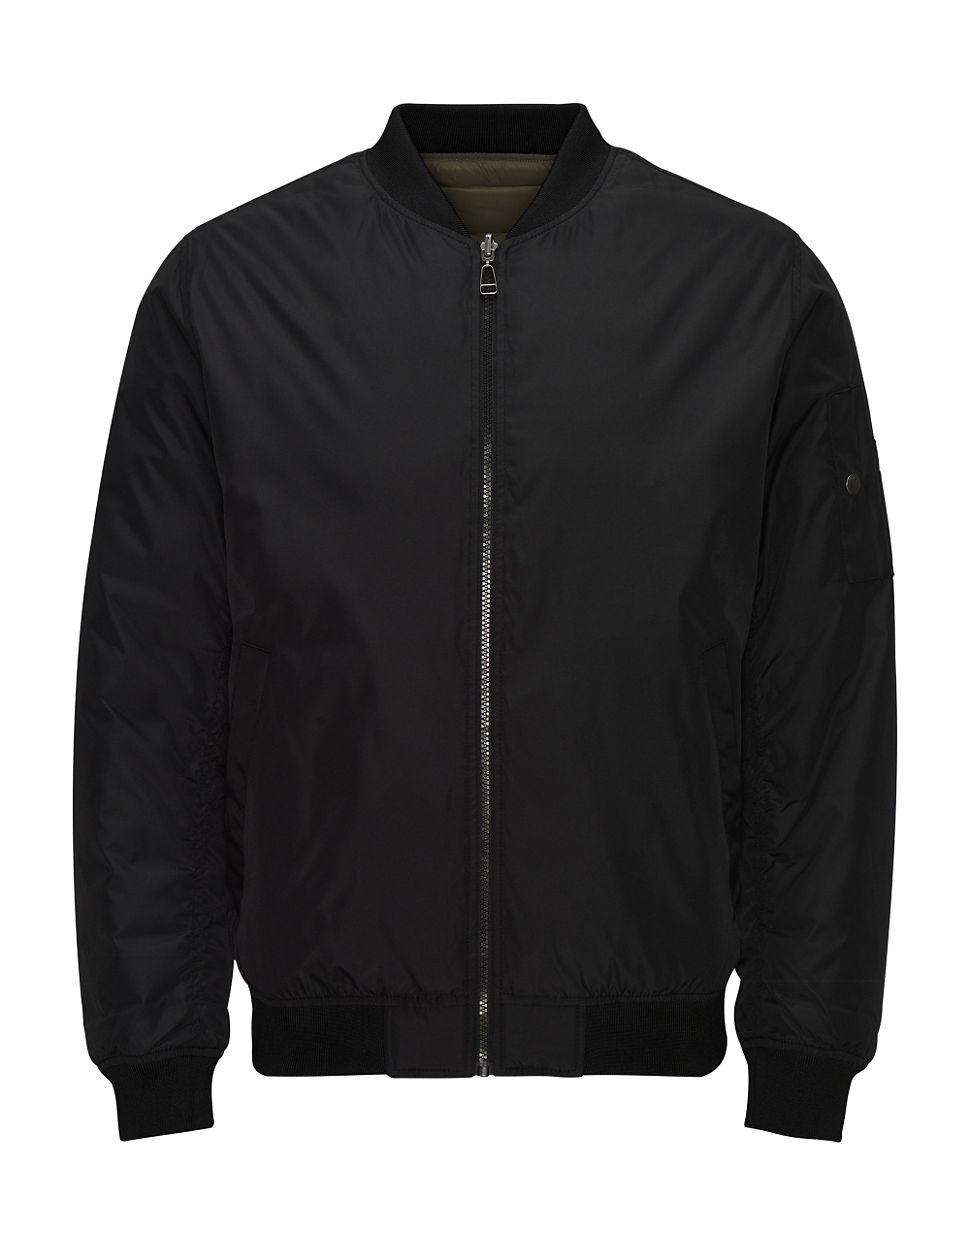 jack jones jortide bomber jacket in black for men lyst. Black Bedroom Furniture Sets. Home Design Ideas